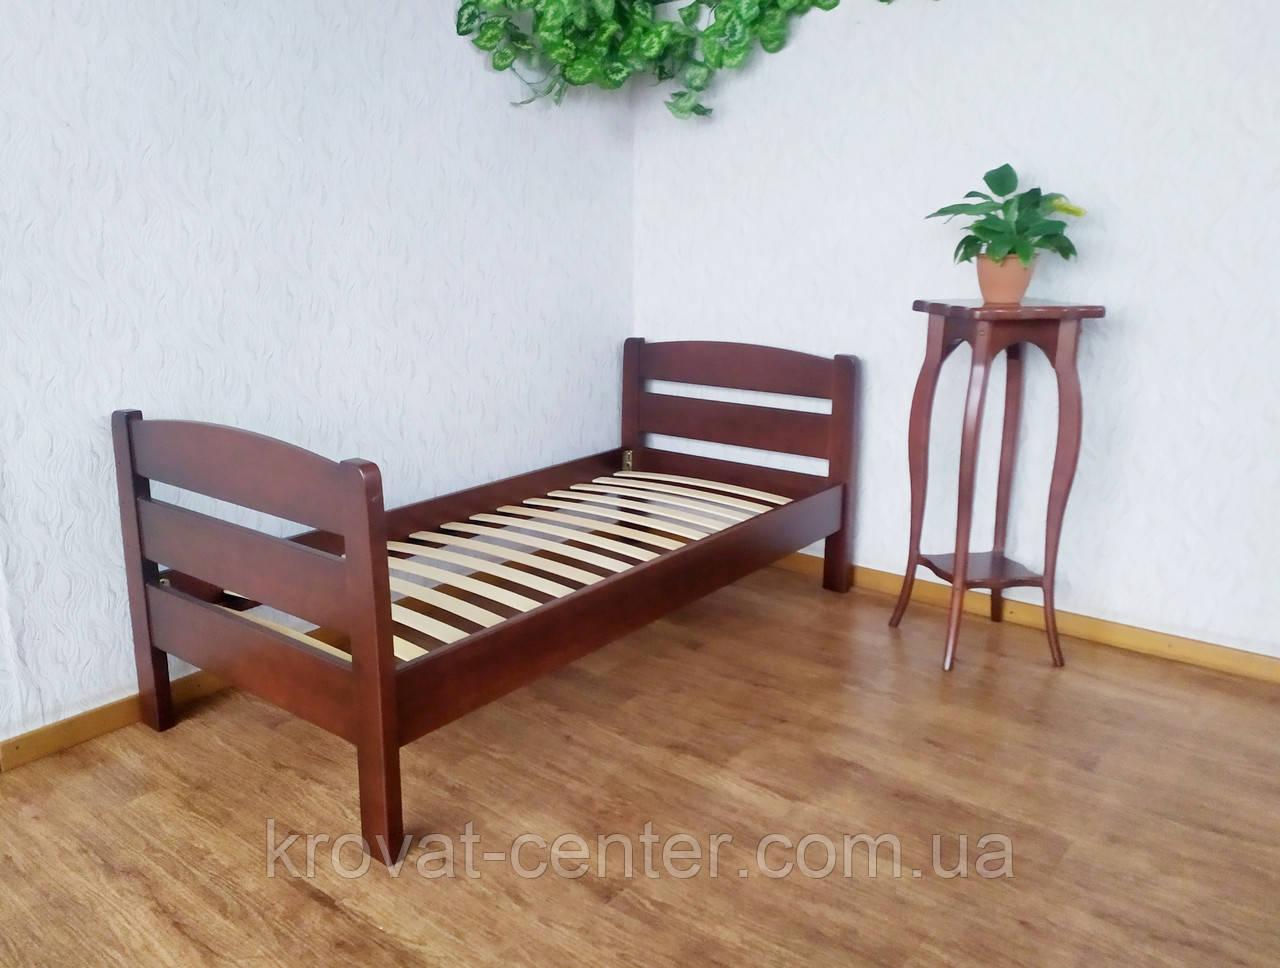 """Детская деревянная кровать """"Таисия - 2"""" от производителя"""